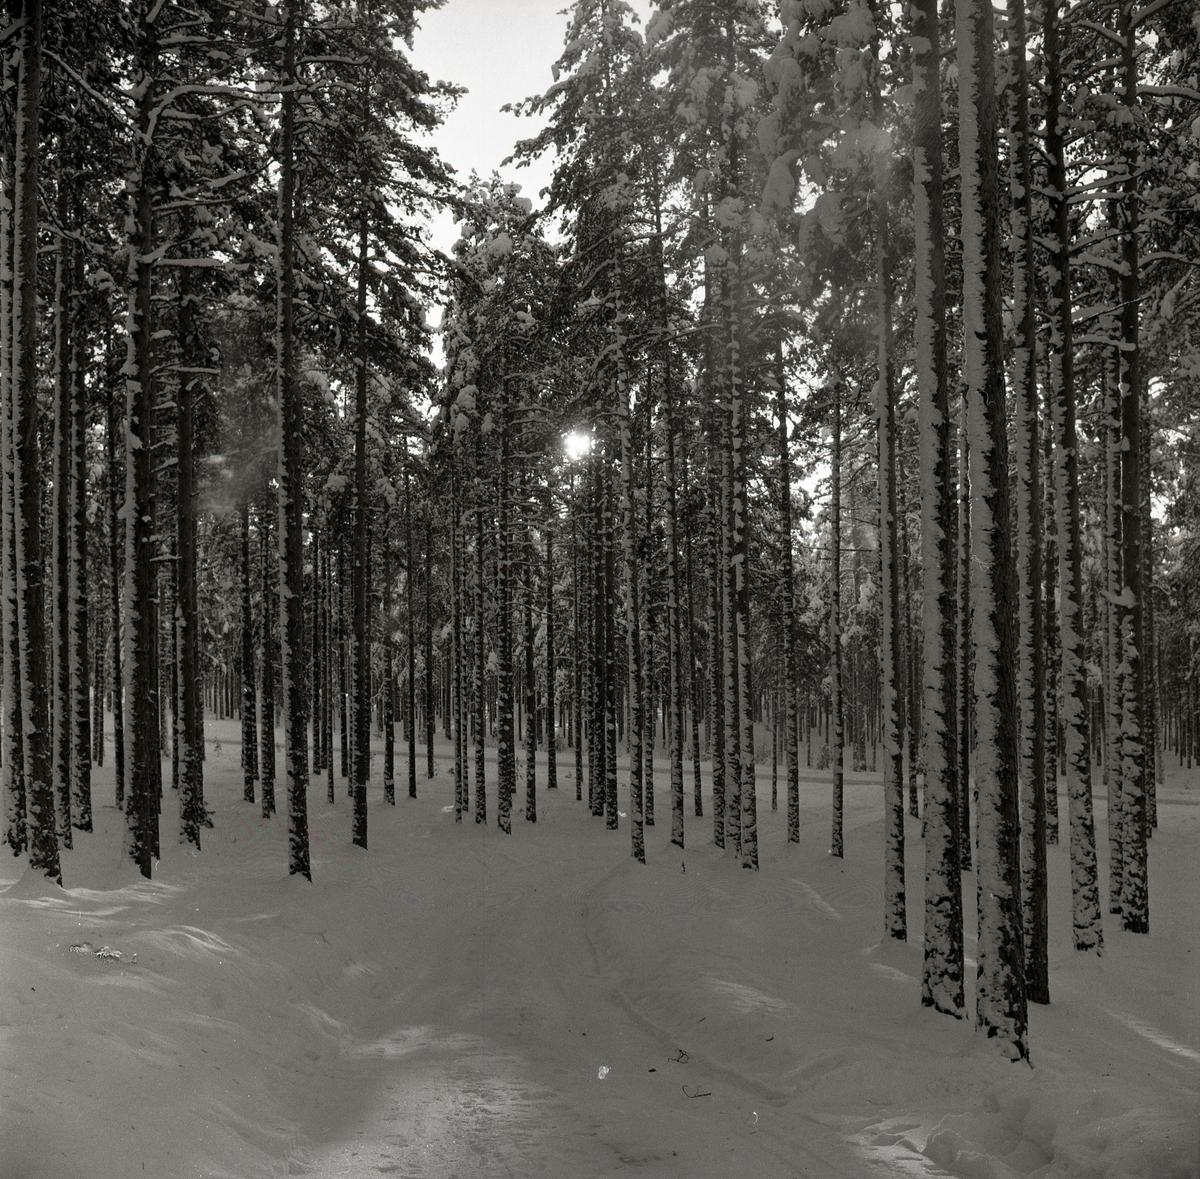 Sol mellan trädstammar i snötäckt skog, Skoghem, Rengsjö, Julafton 1962.